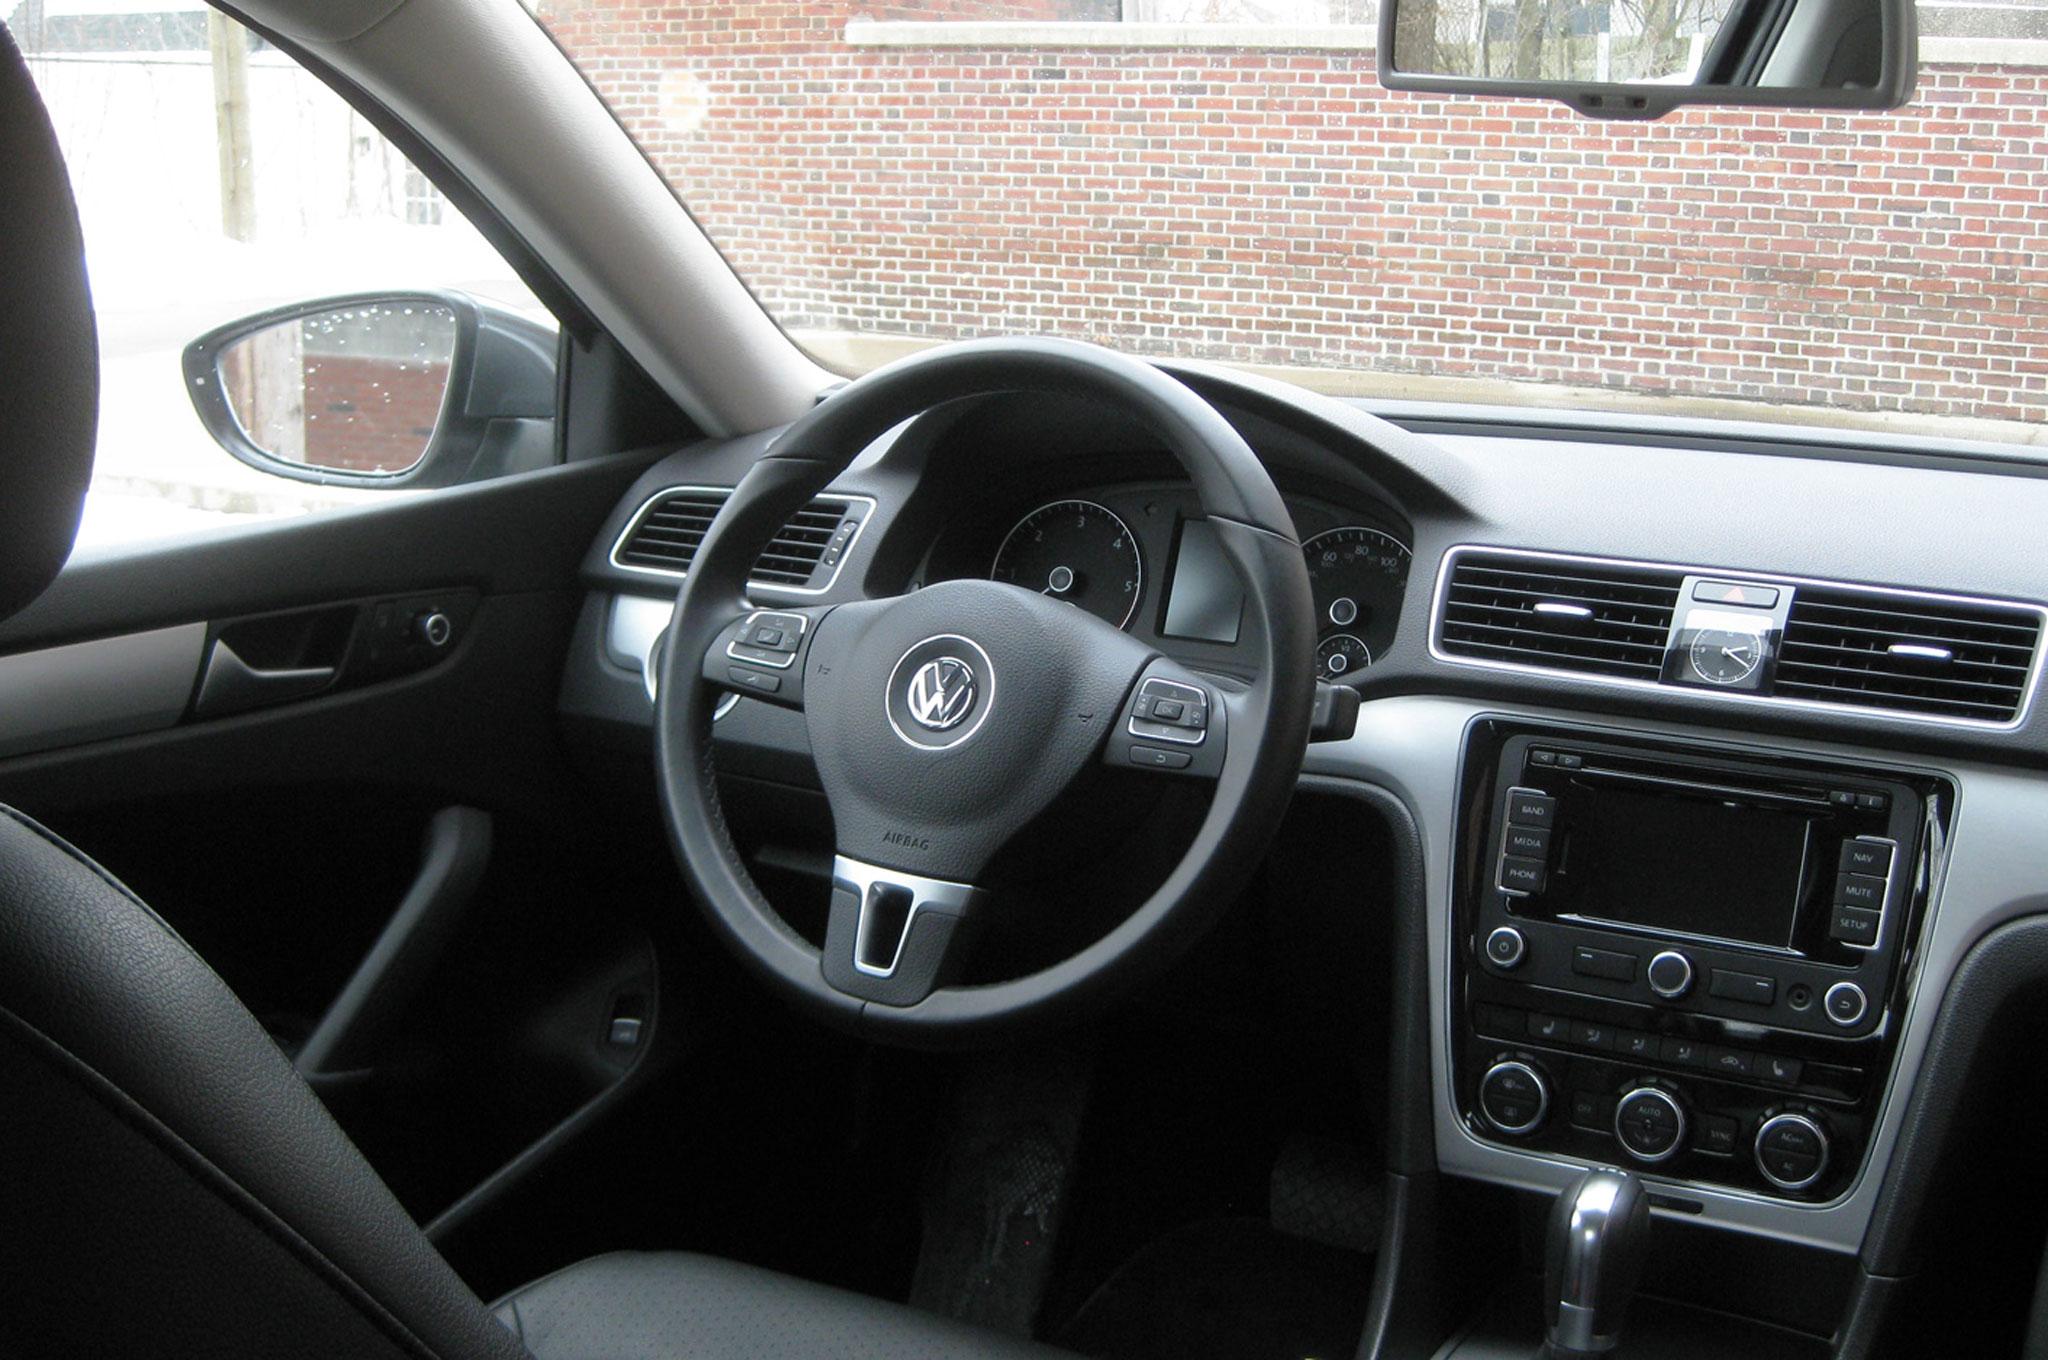 2012 Volkswagen Passat Tdi Four Seasons Wrap Up